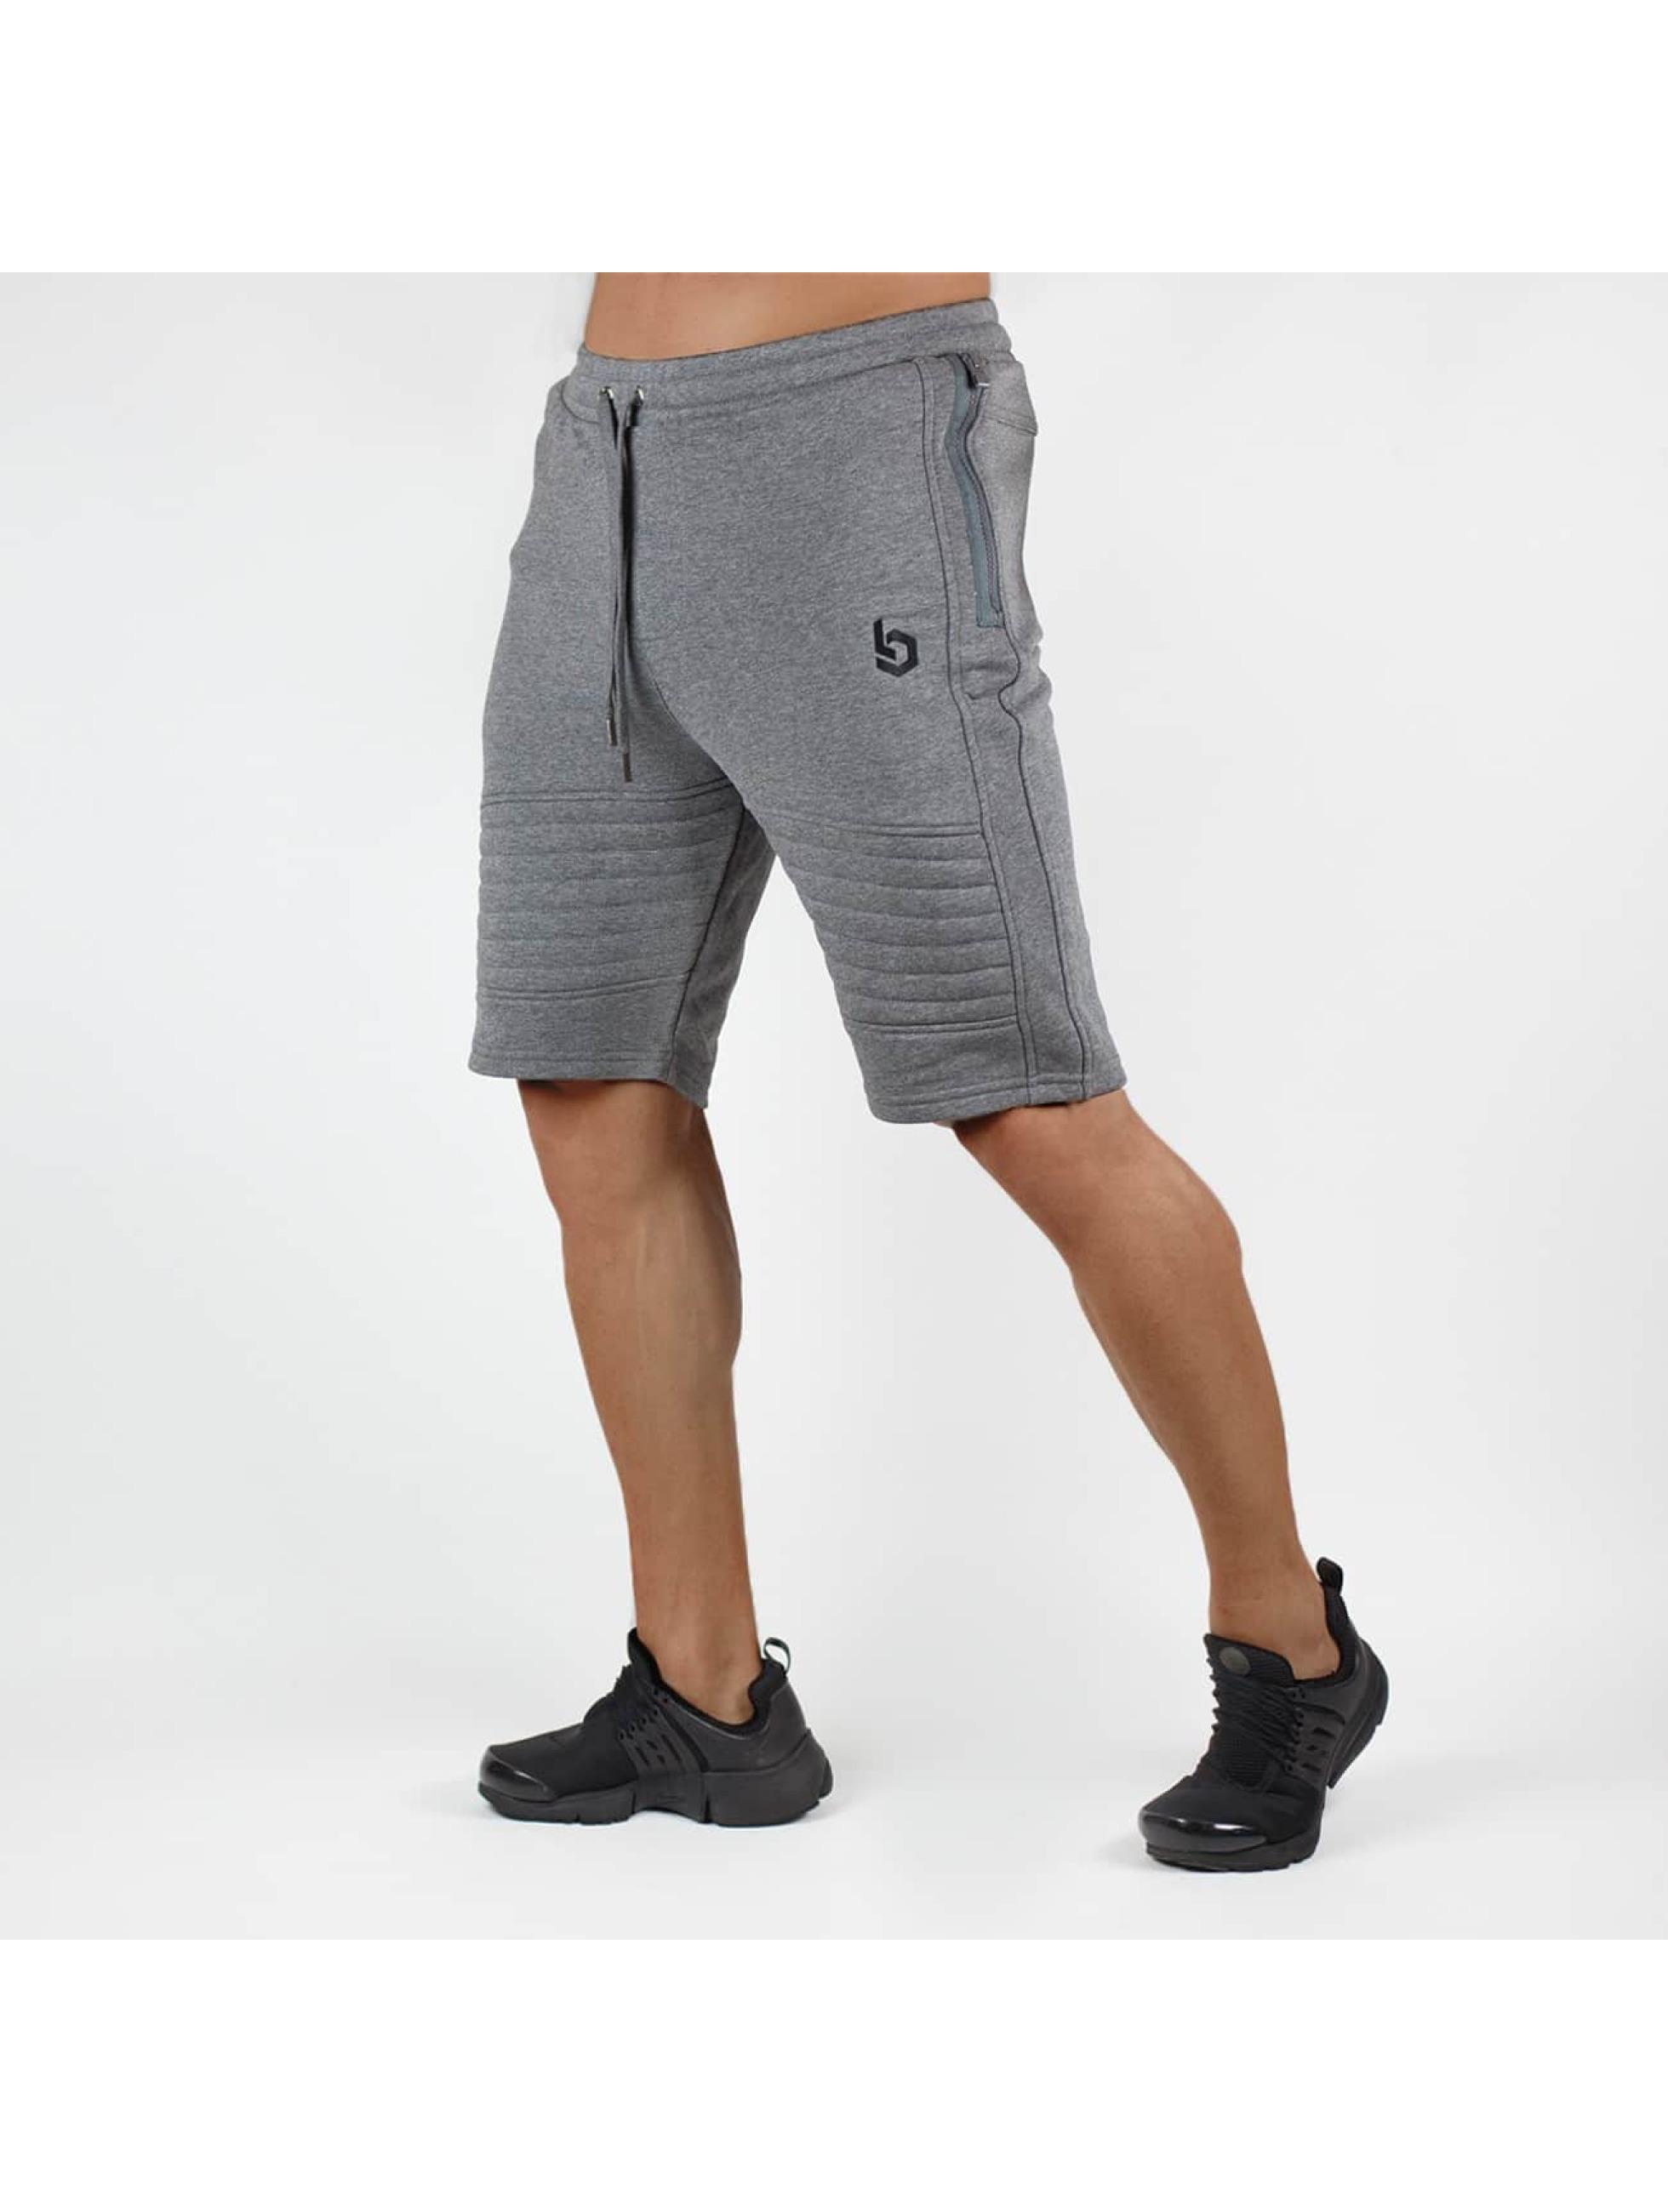 Beyond Limits Shorts Baseline grau